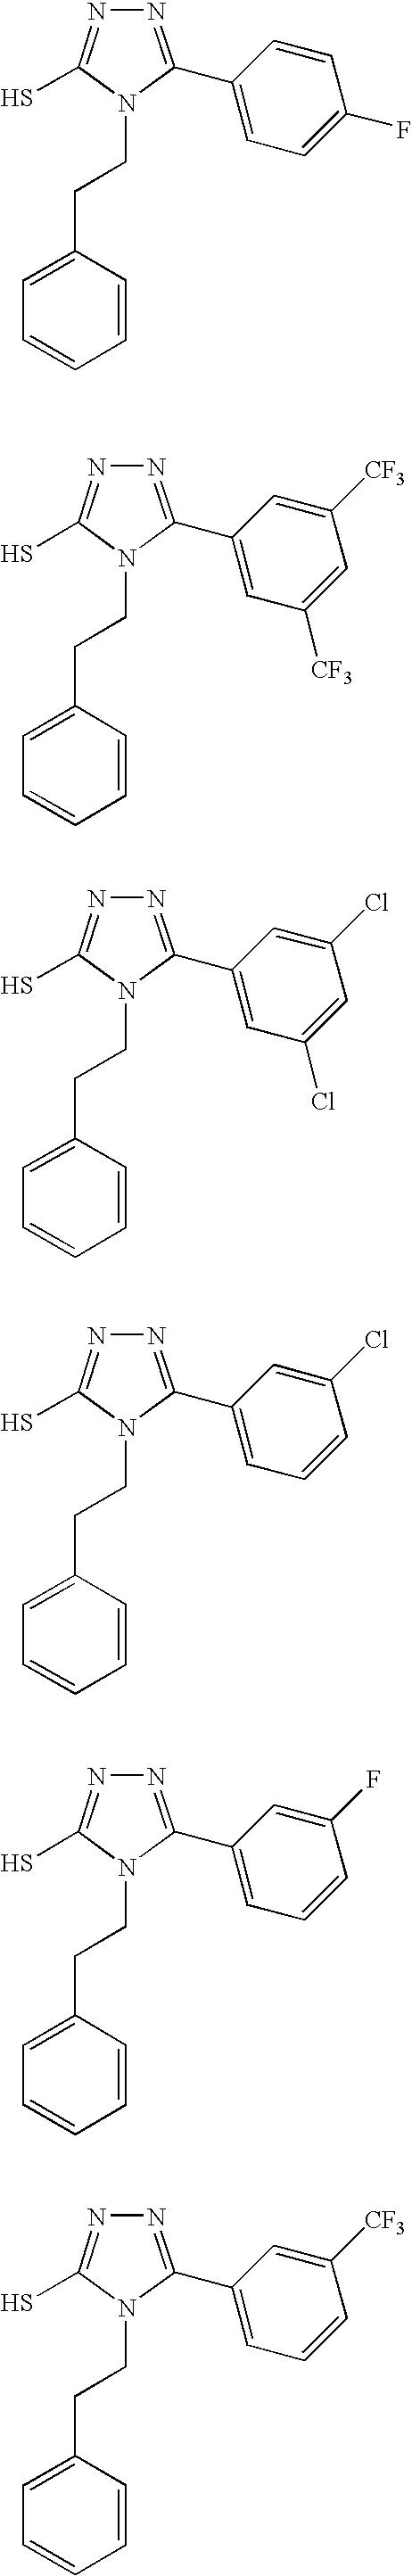 Figure US20070212641A1-20070913-C00175